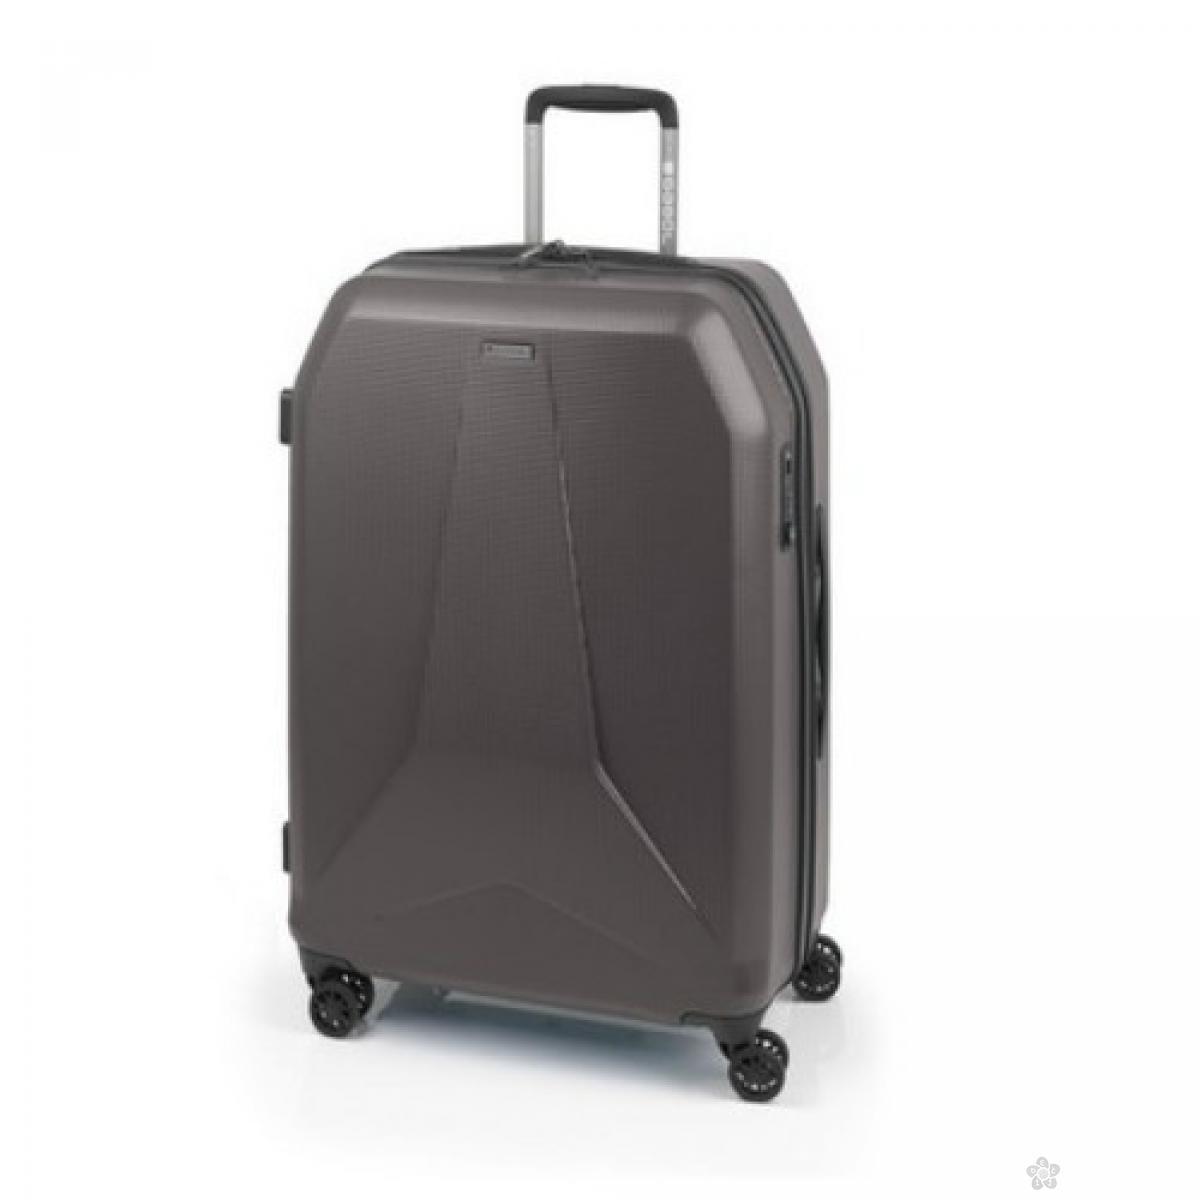 Kofer veliki Polikarbonat Nerve siva, 16KG115447C